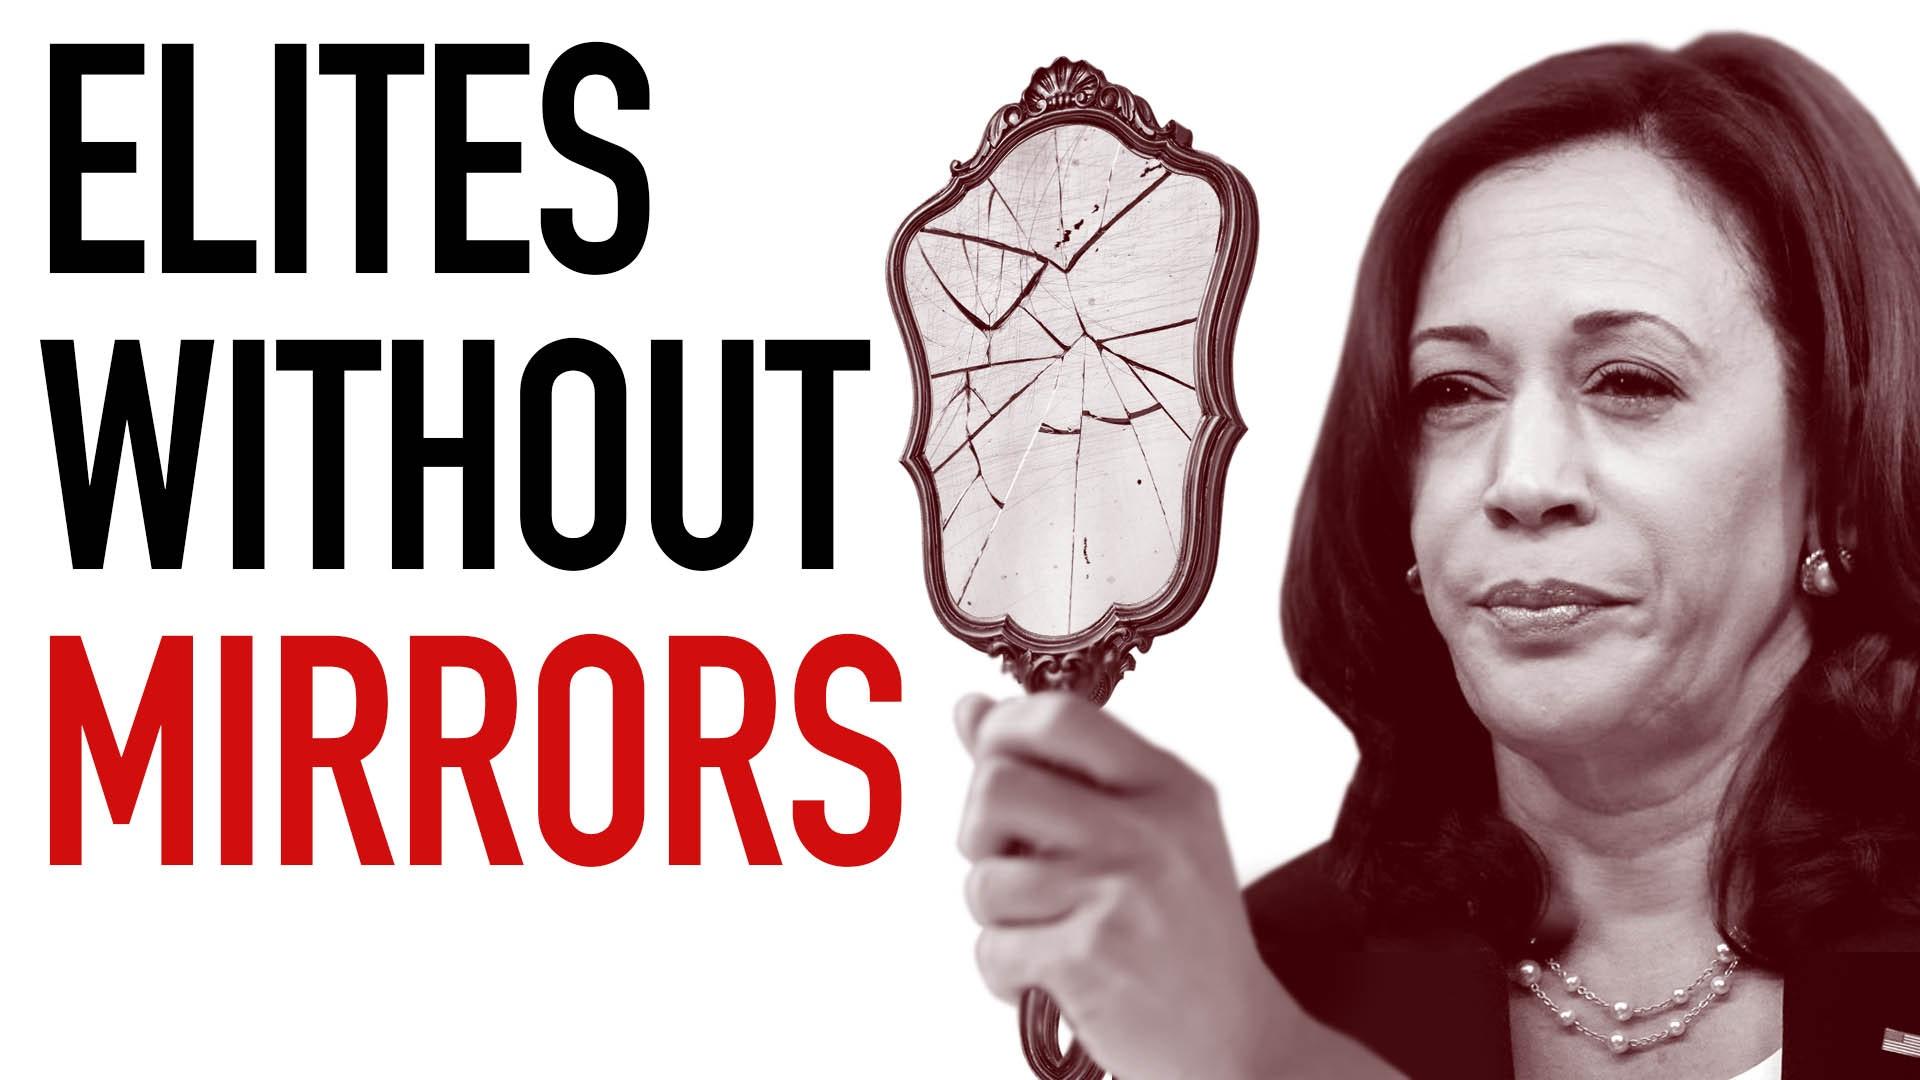 Ep. 1030 - Elites Without Mirrors